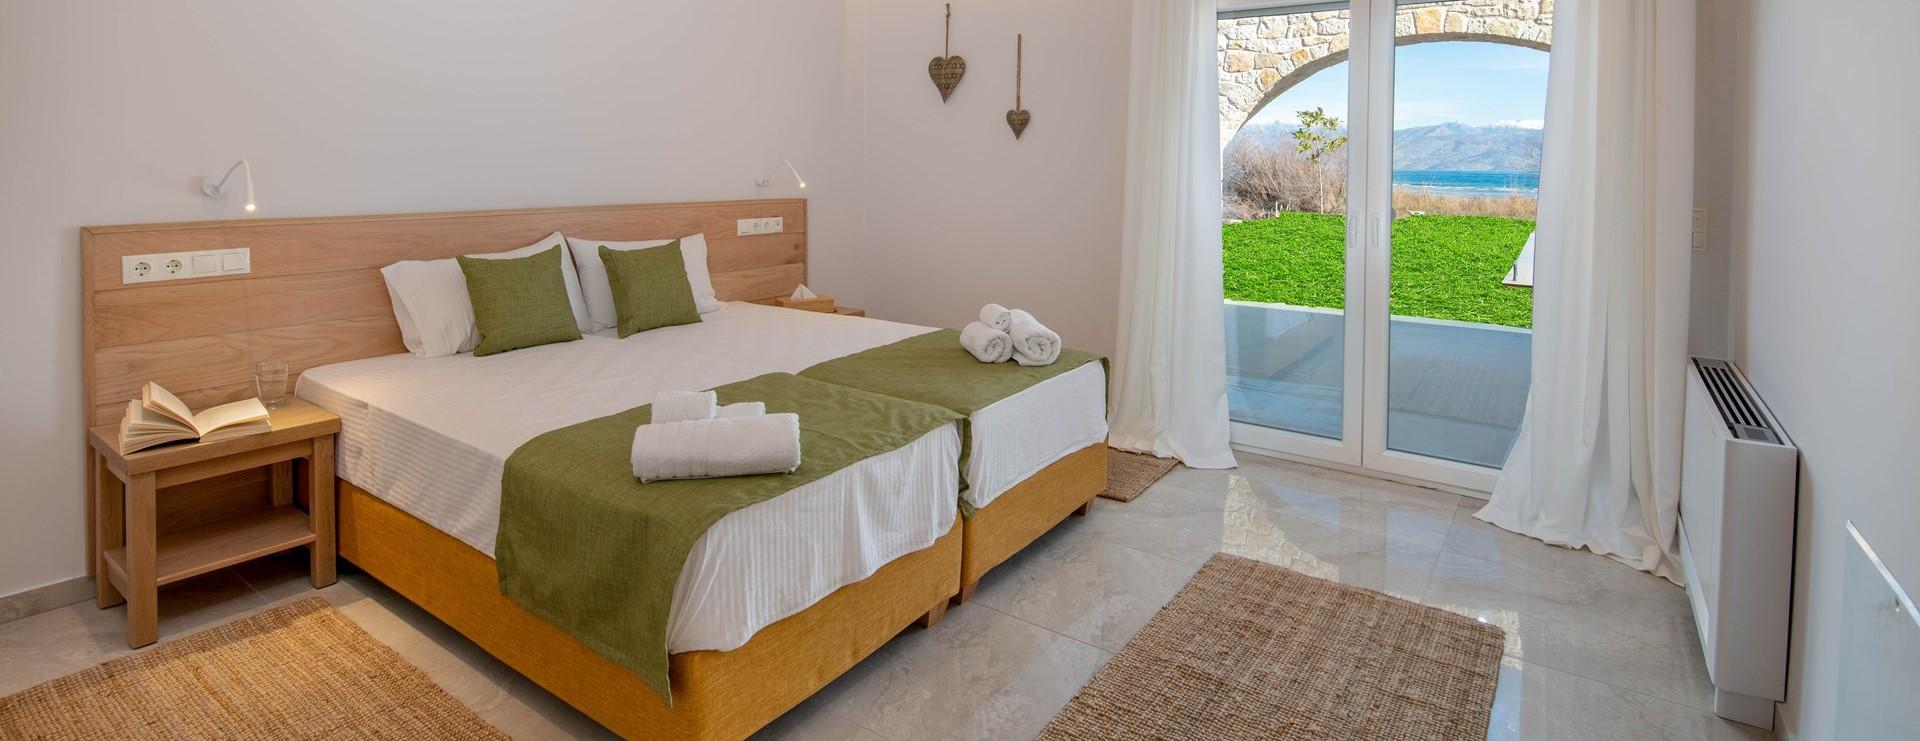 nero-beach-house-twin-bedroom-2